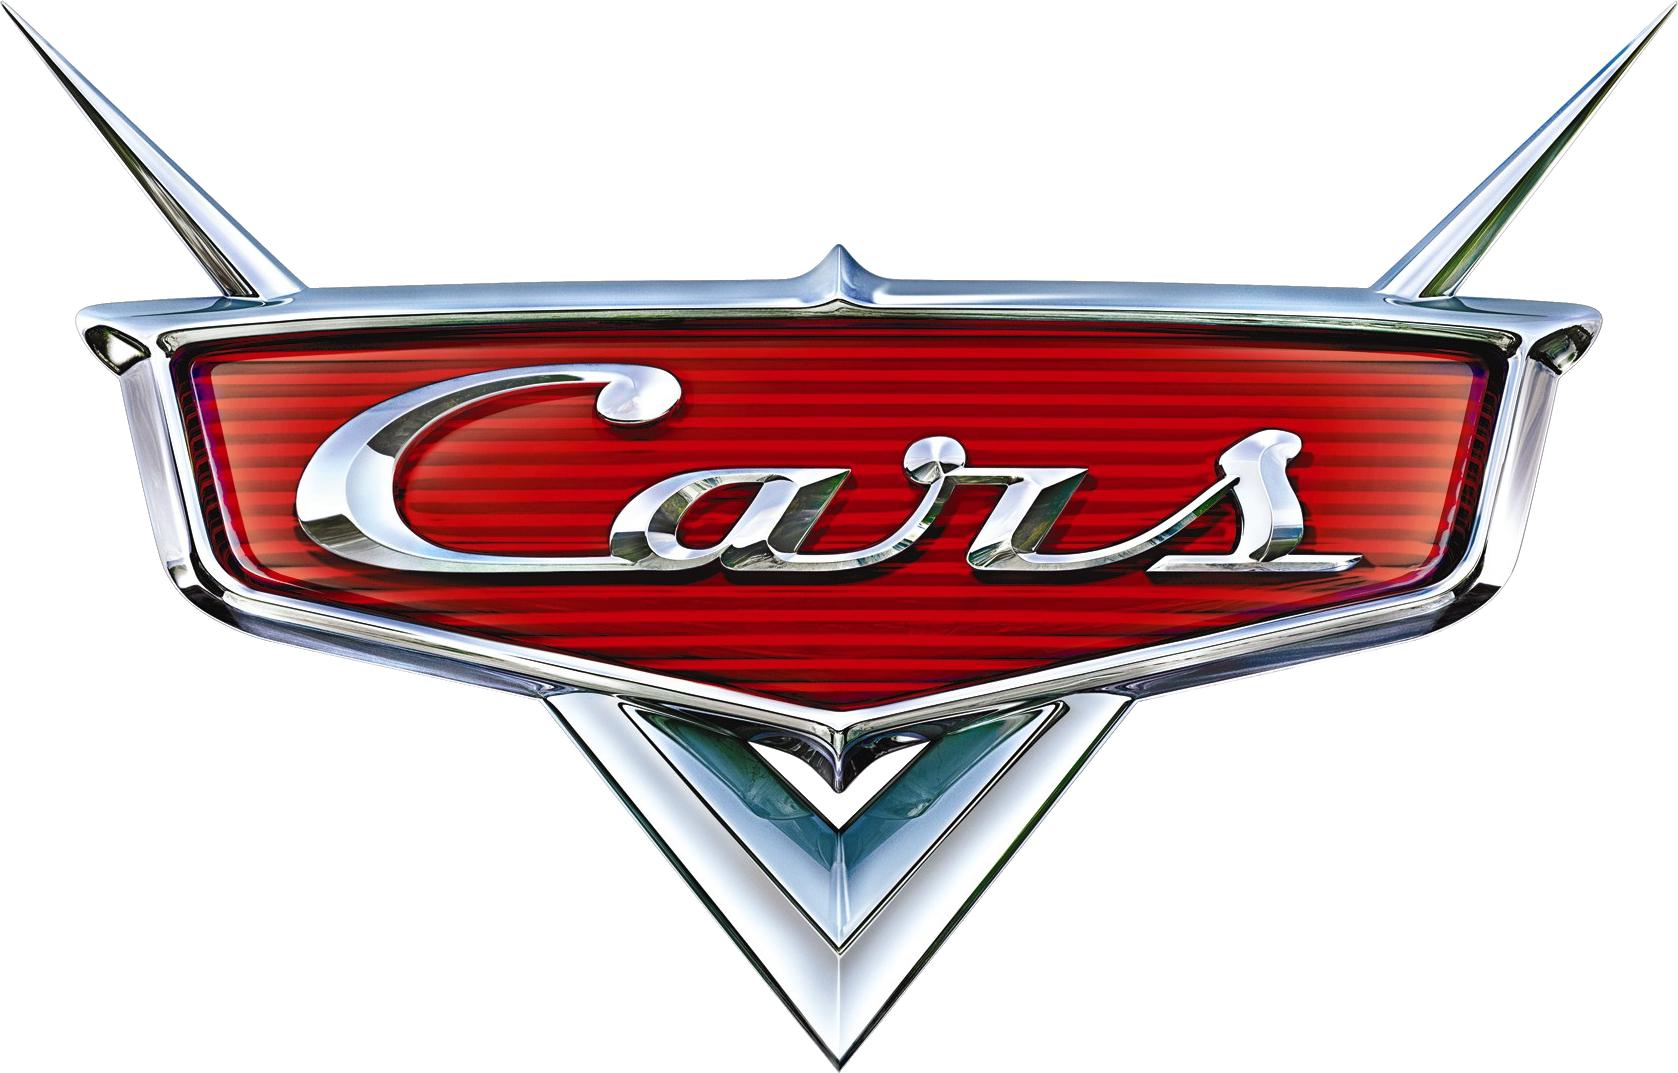 Cars-logo.png - Carlogo HD PNG